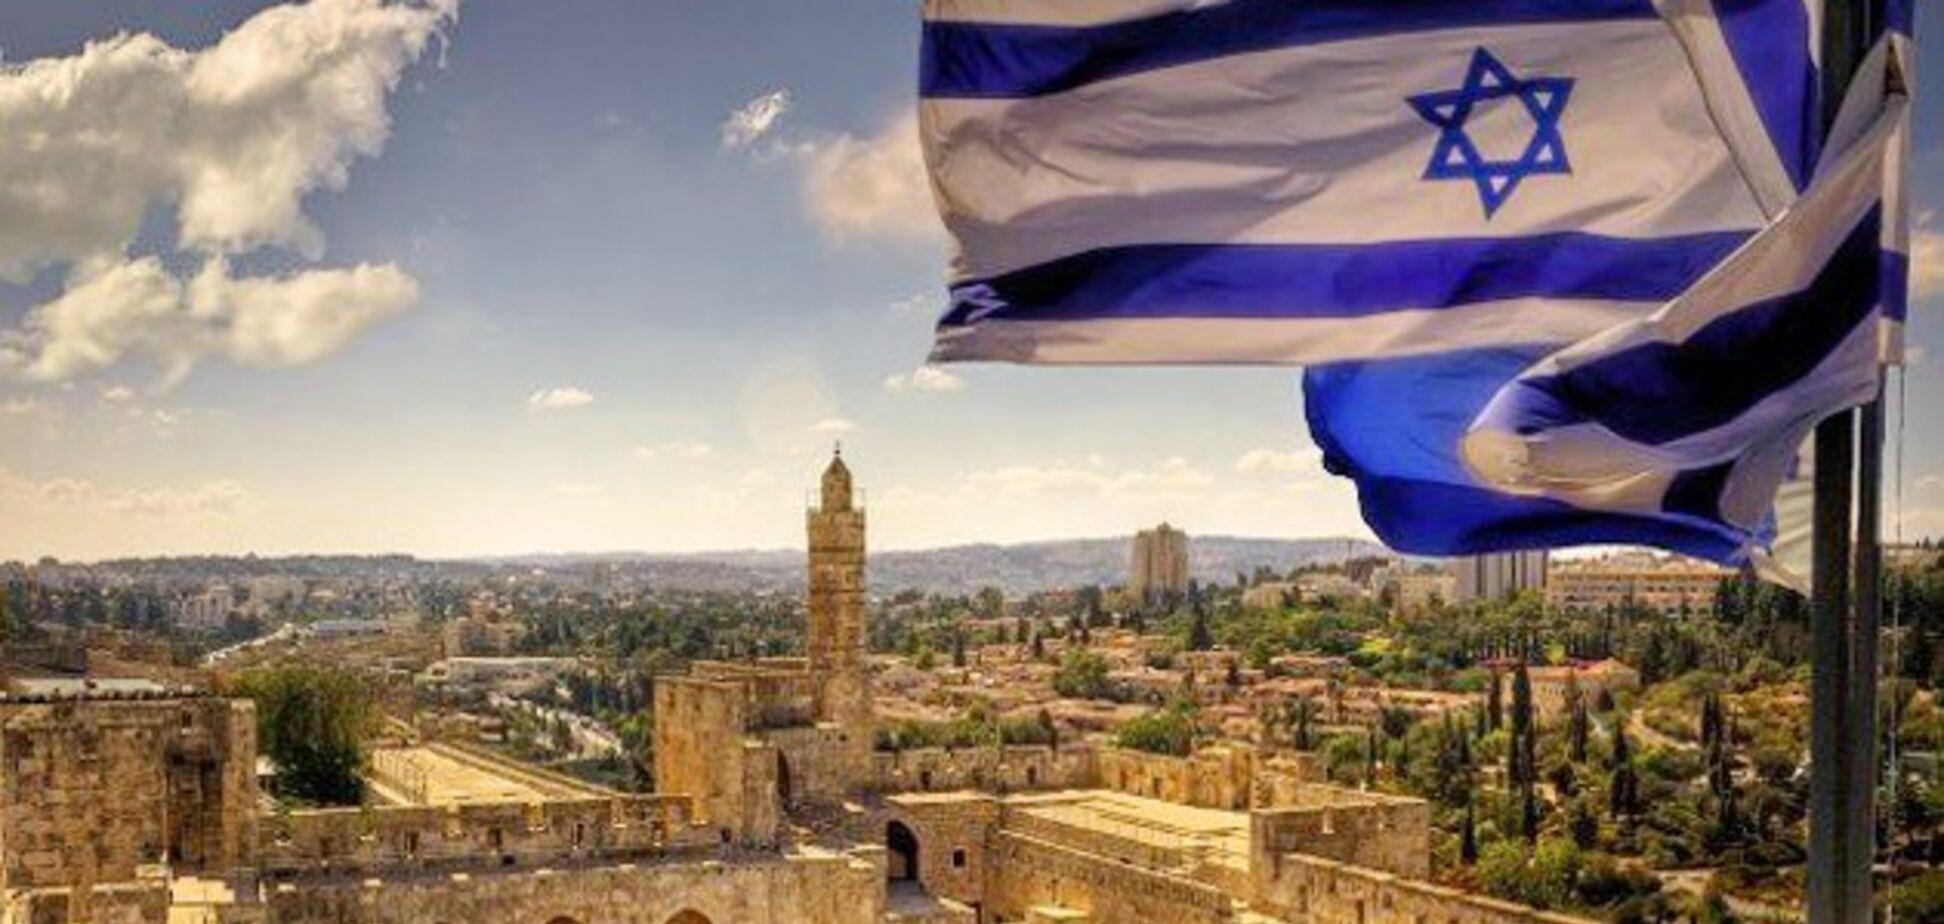 'Фашистська' держава Ізраїль. Мрію так само!